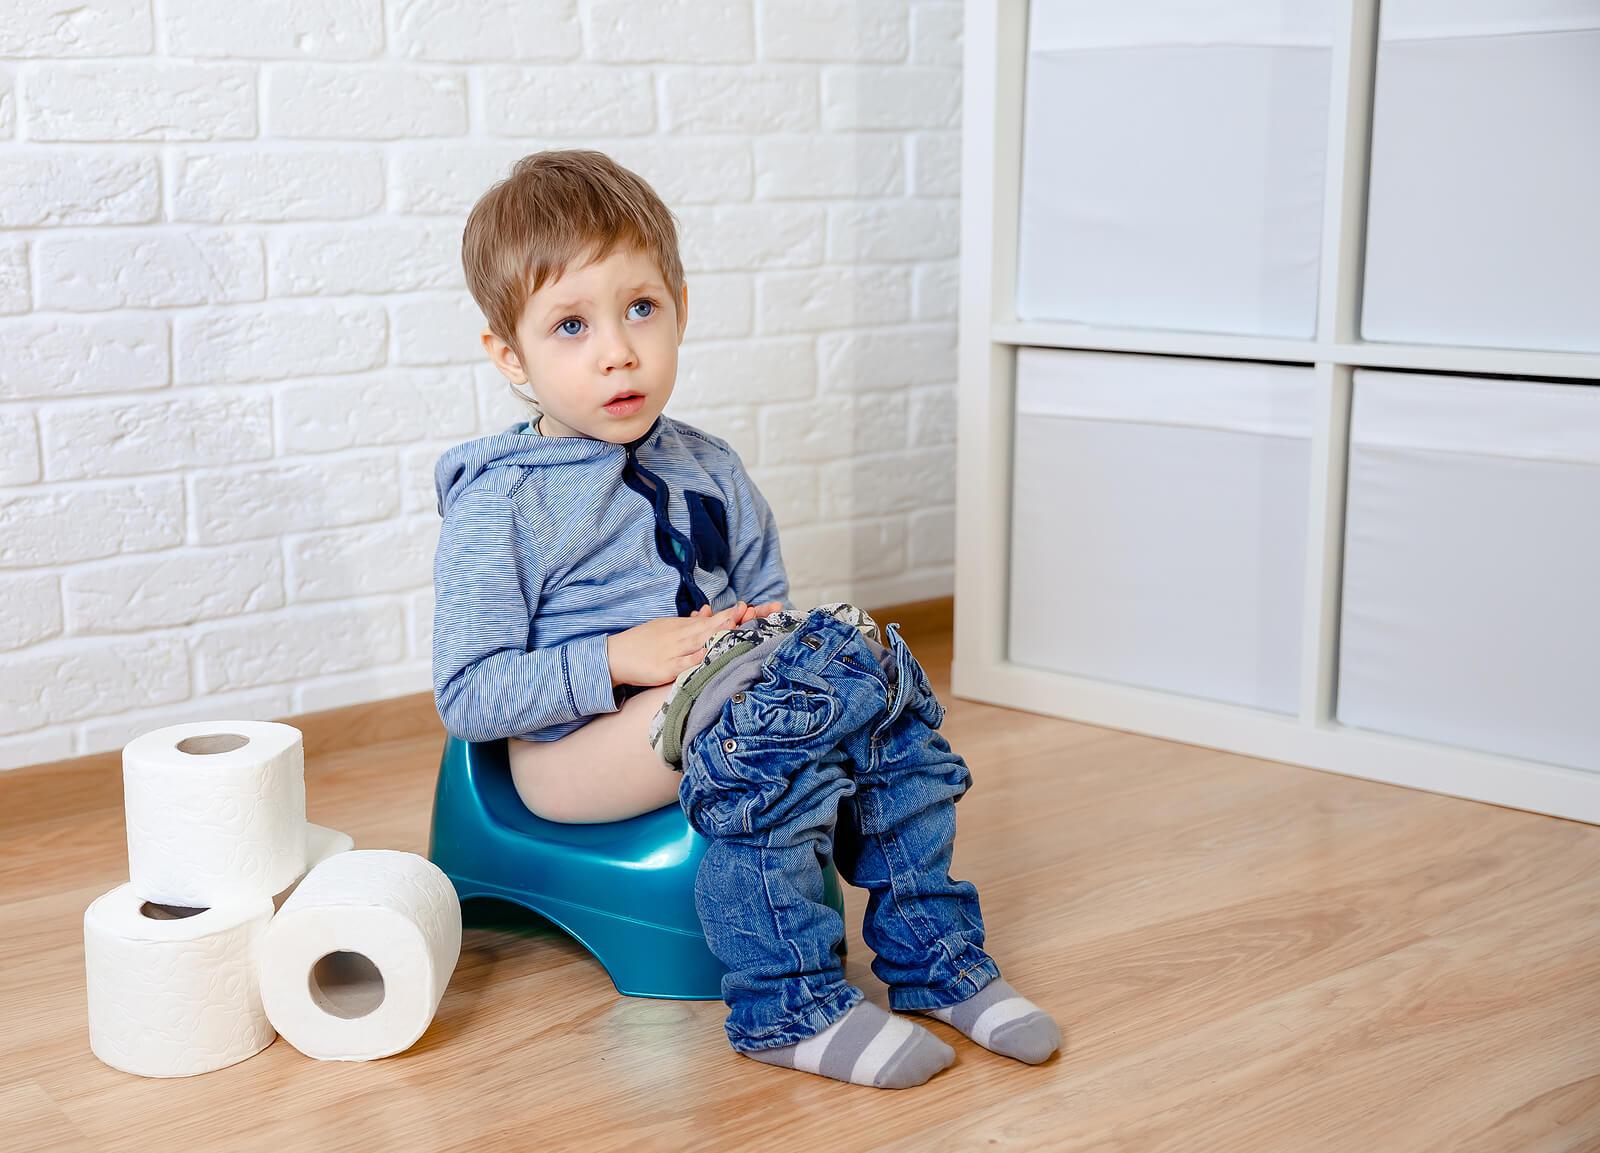 Niño haciendo pis en un orinal gracias al método pipí stop.